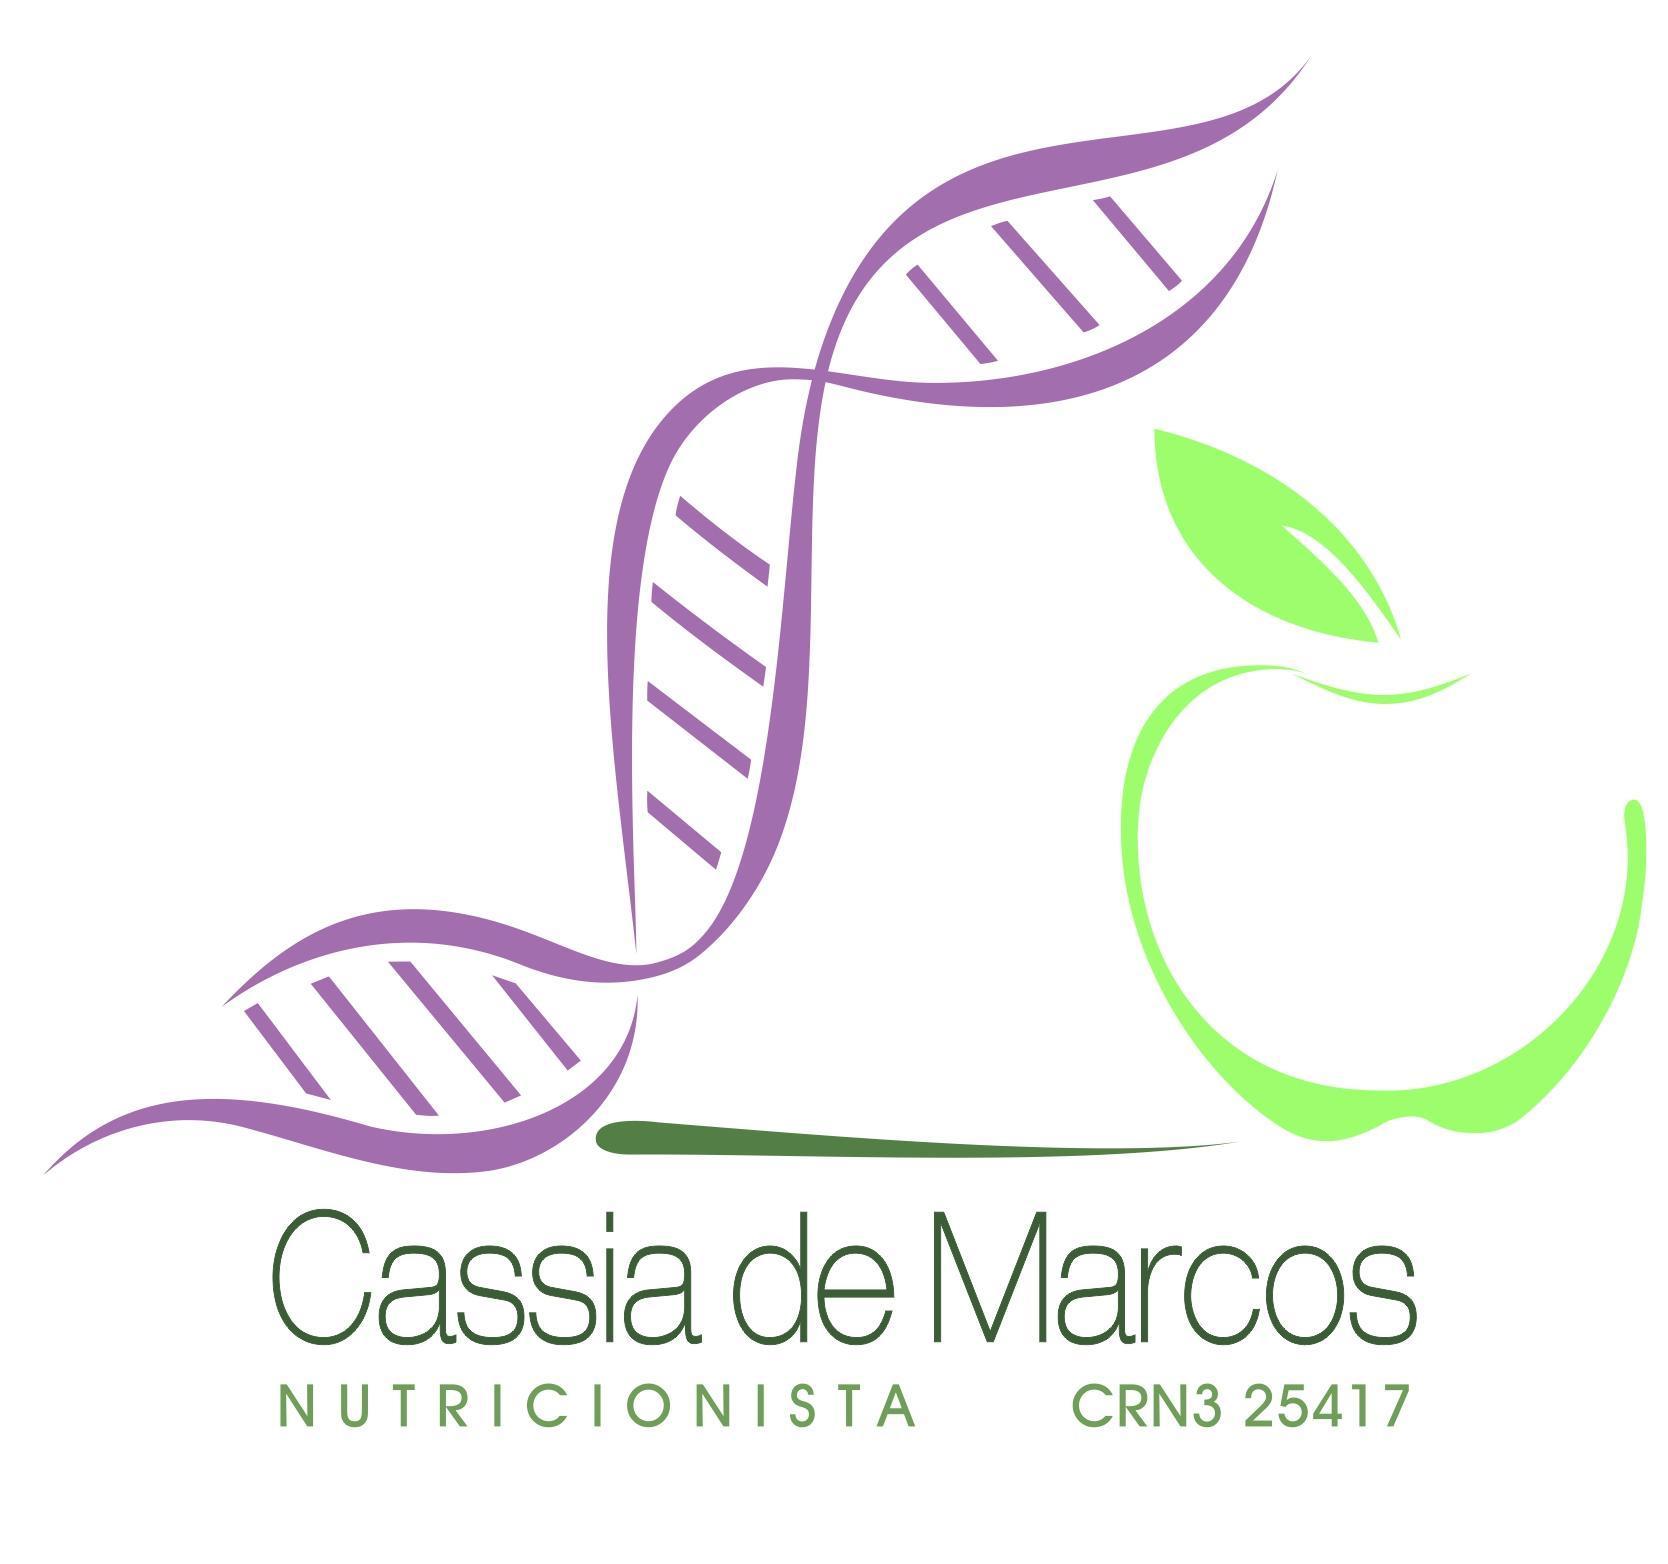 Imagem: Nutricionistacassia-logonovo-copia.jpg - Enviado Em: 18/07/2014